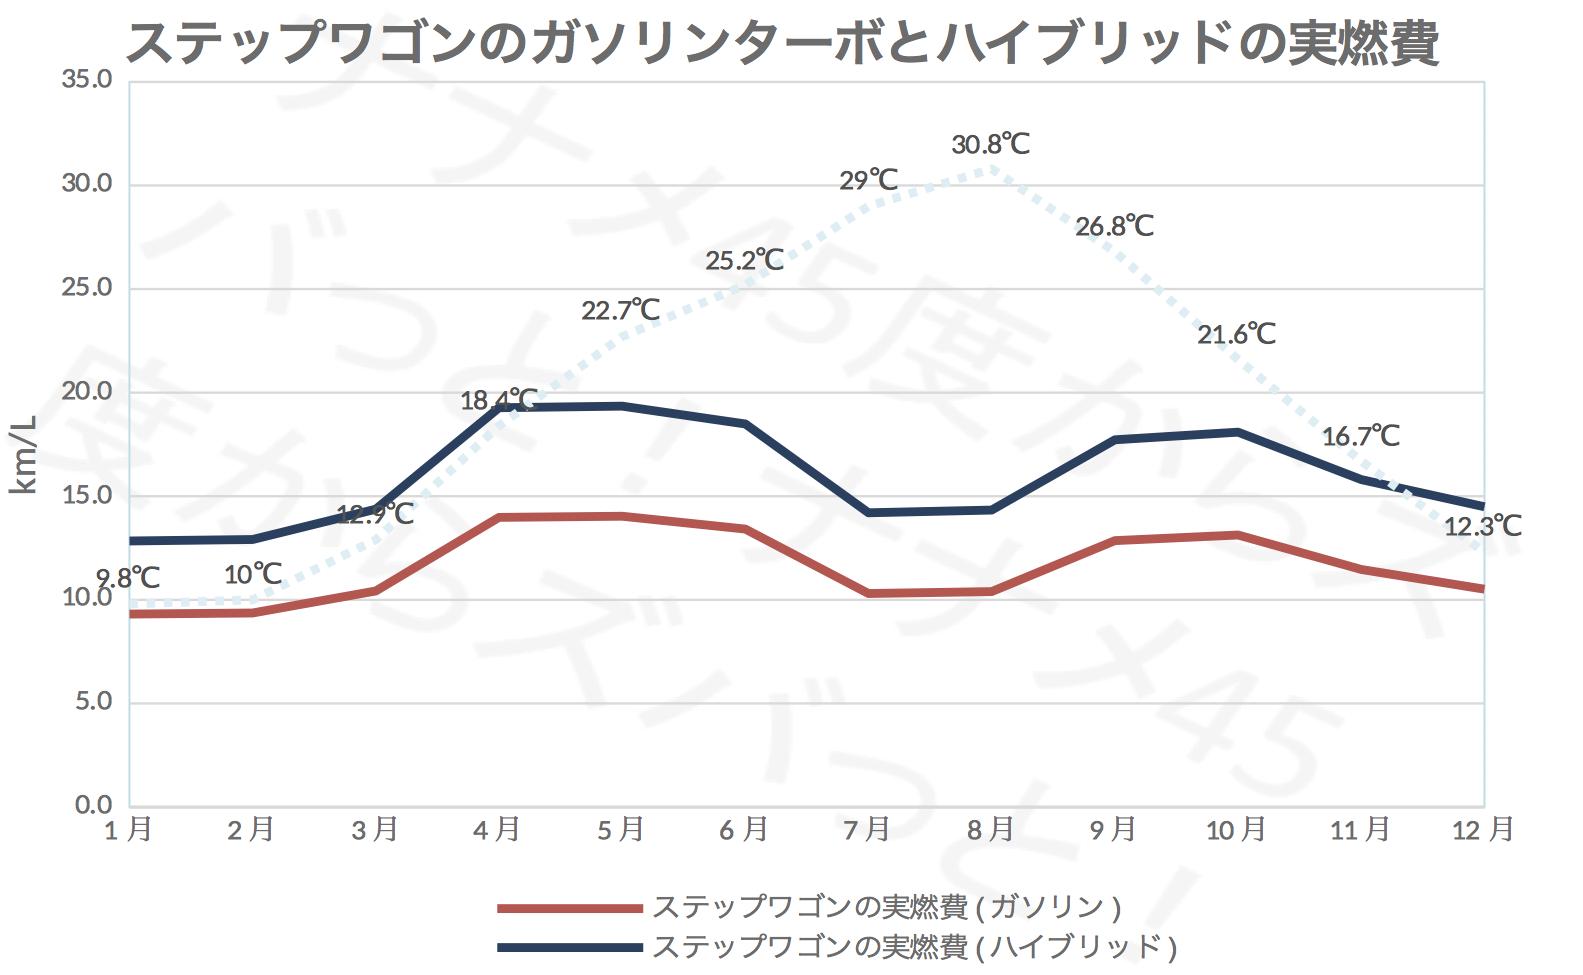 ステップワゴン_ガソリンHV実燃費比較